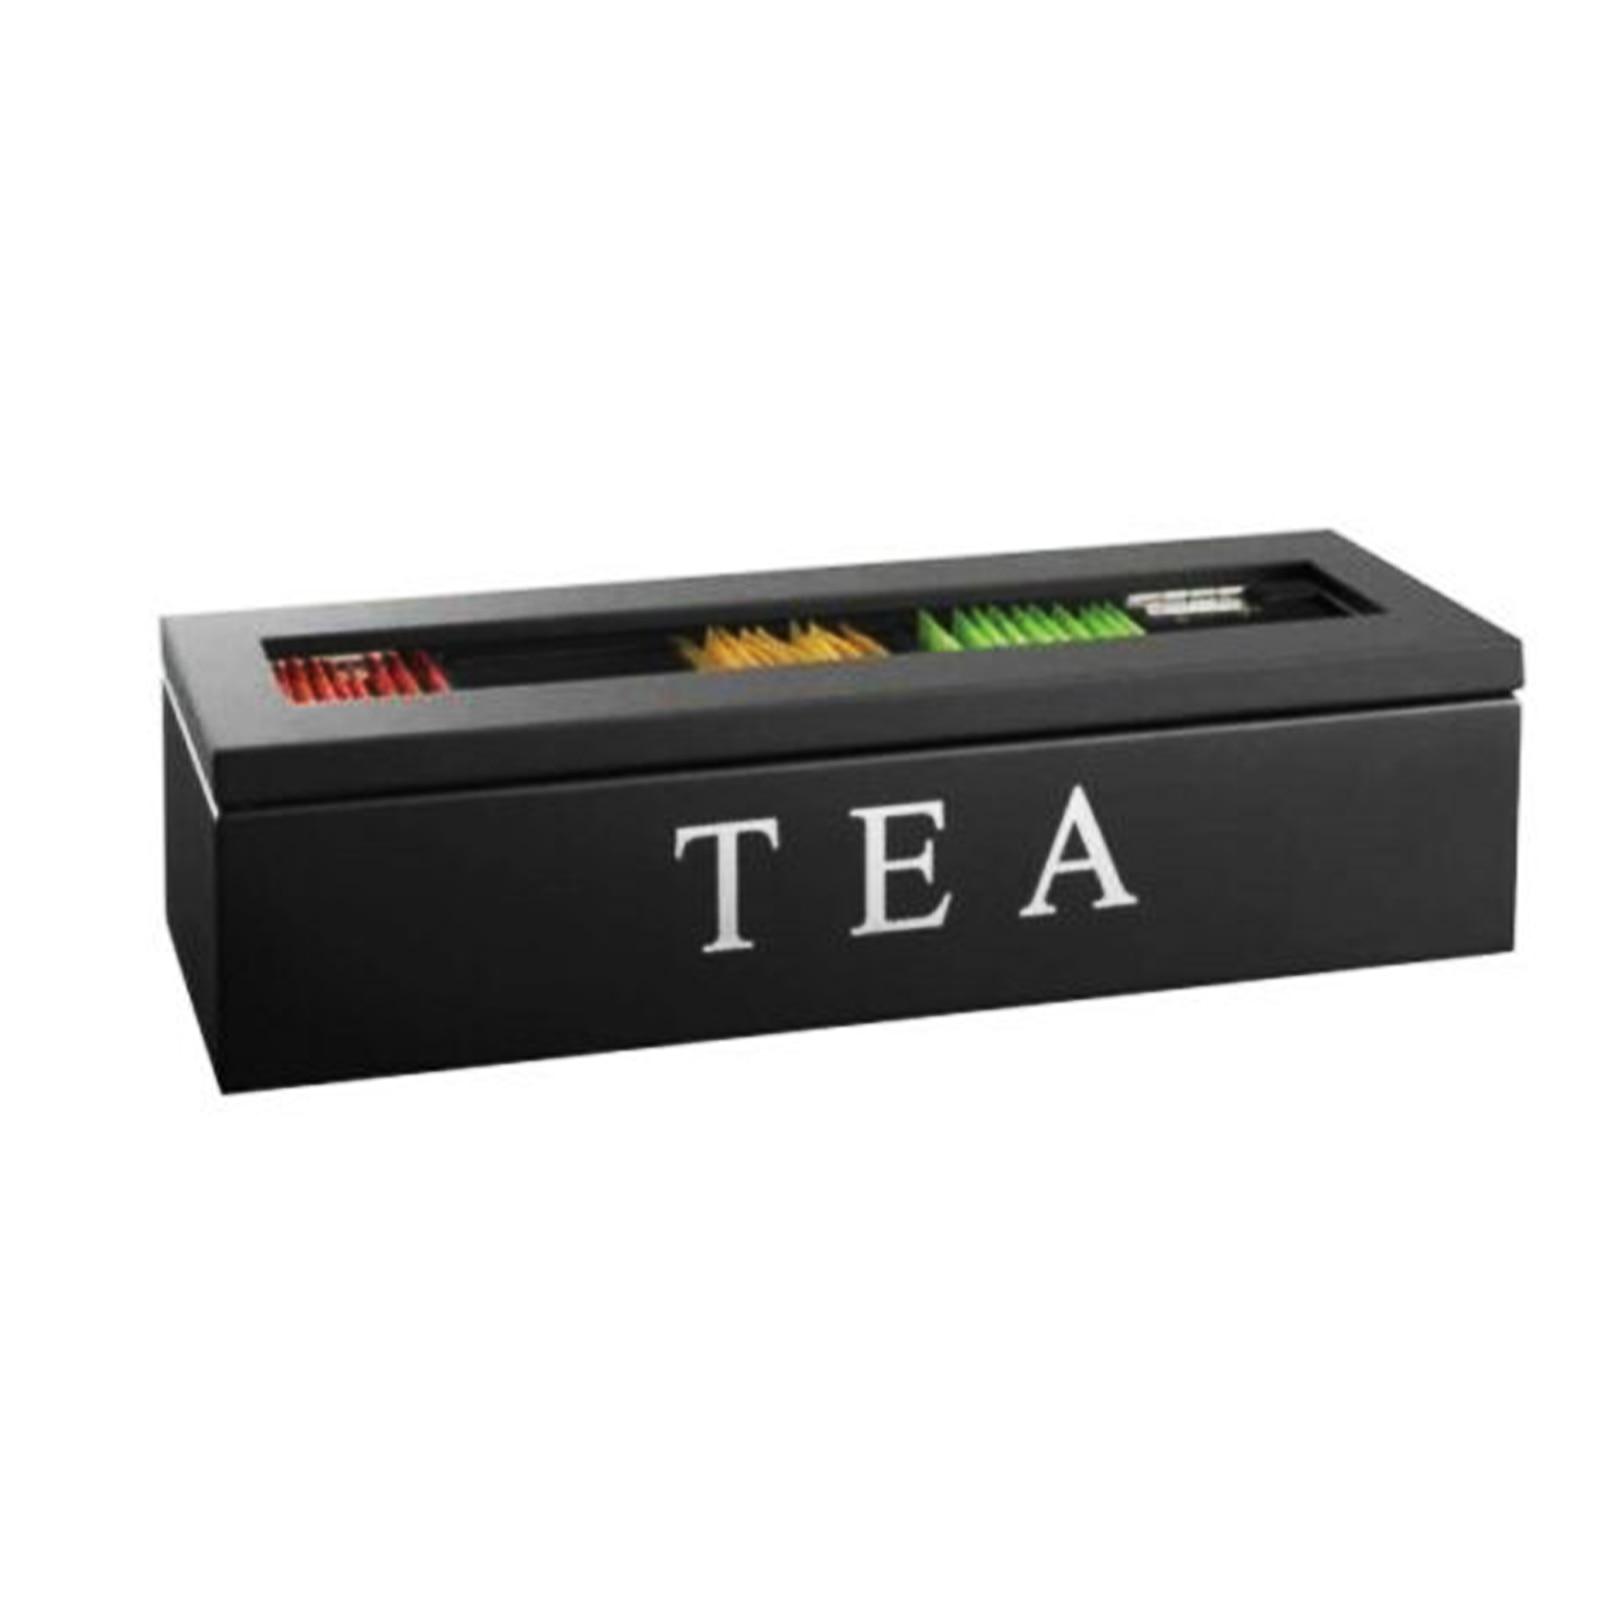 2020 деревянная коробка для чая контейнер для хранения чайных коробок квадратный Подарочный чехол прозрачная верхняя крышка коробка для хранения ювелирных изделий Коробка для хранения в доме|Чайница|   | АлиЭкспресс